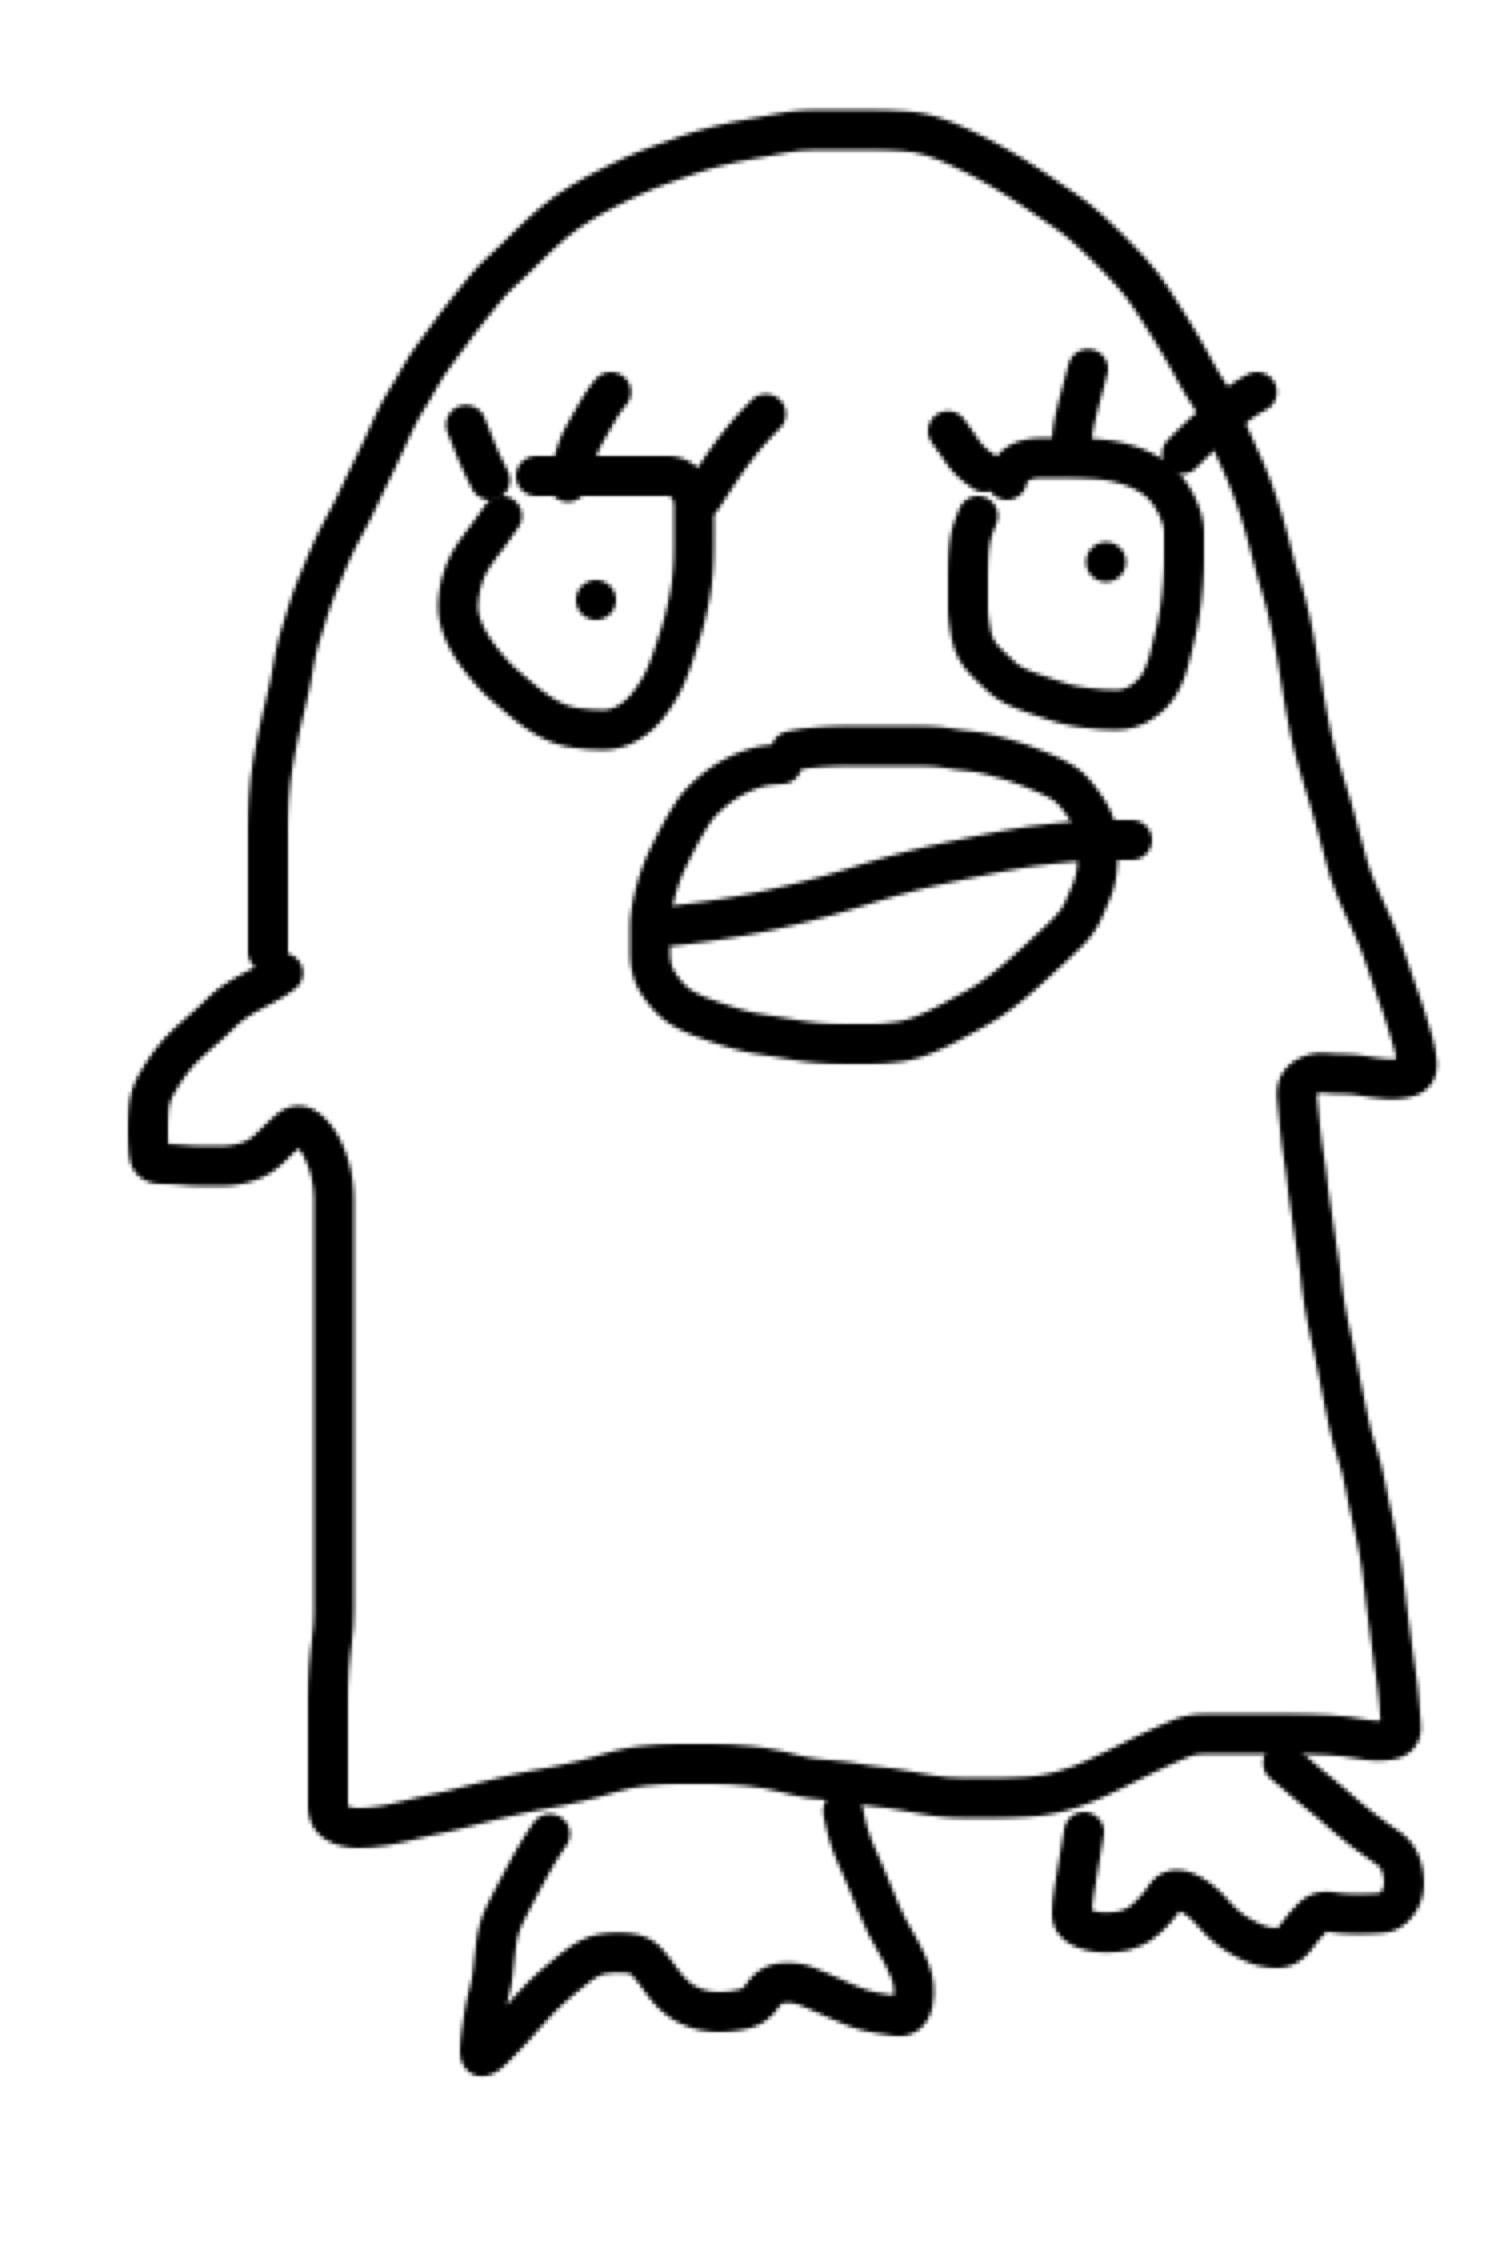 利き手じゃない方の手でキャラクターを描くとぴ